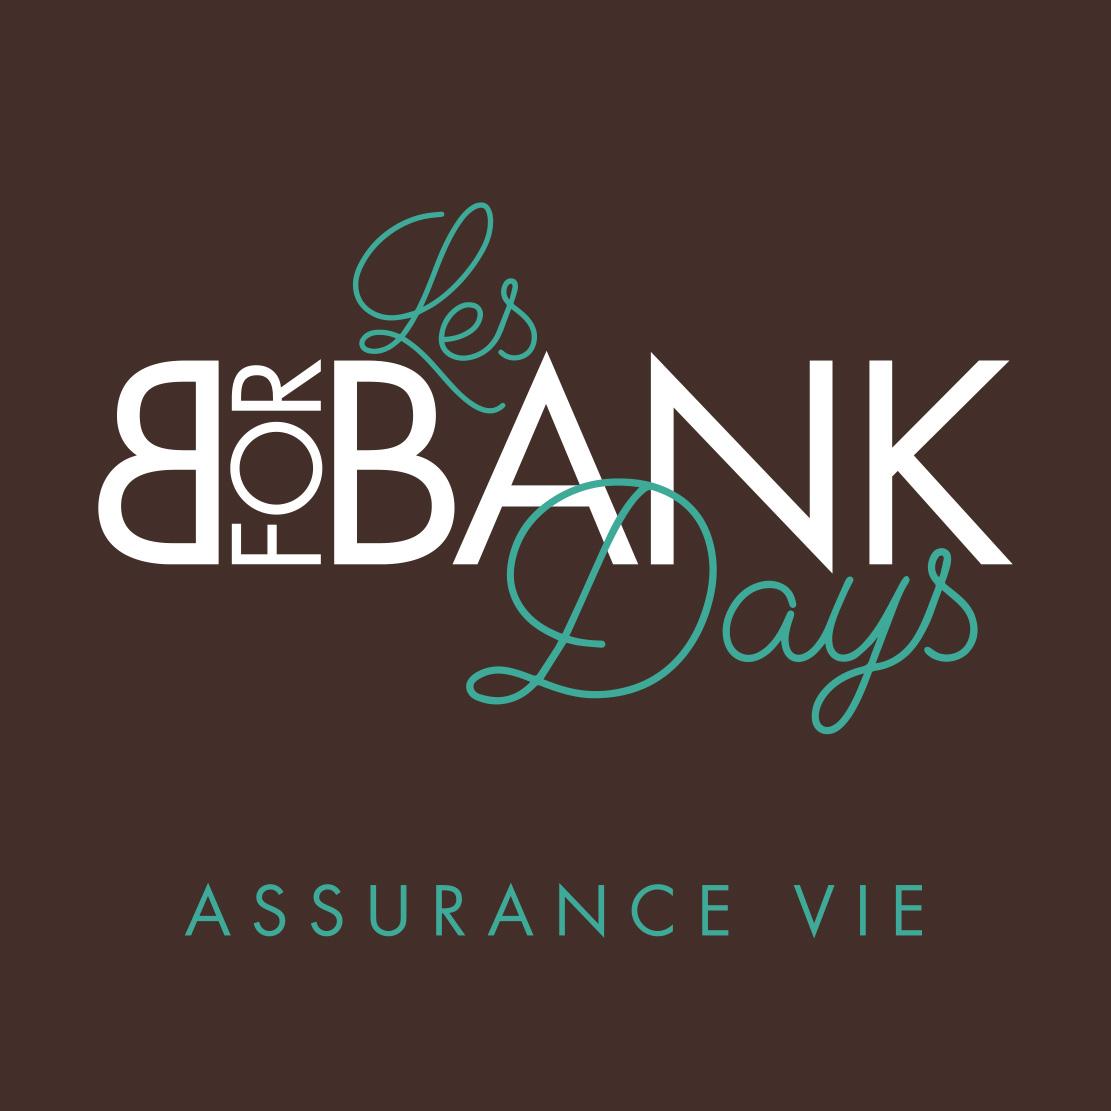 Assurance Vie BforBank Vie : 200€ offerts pour un premier versement de 3.000€